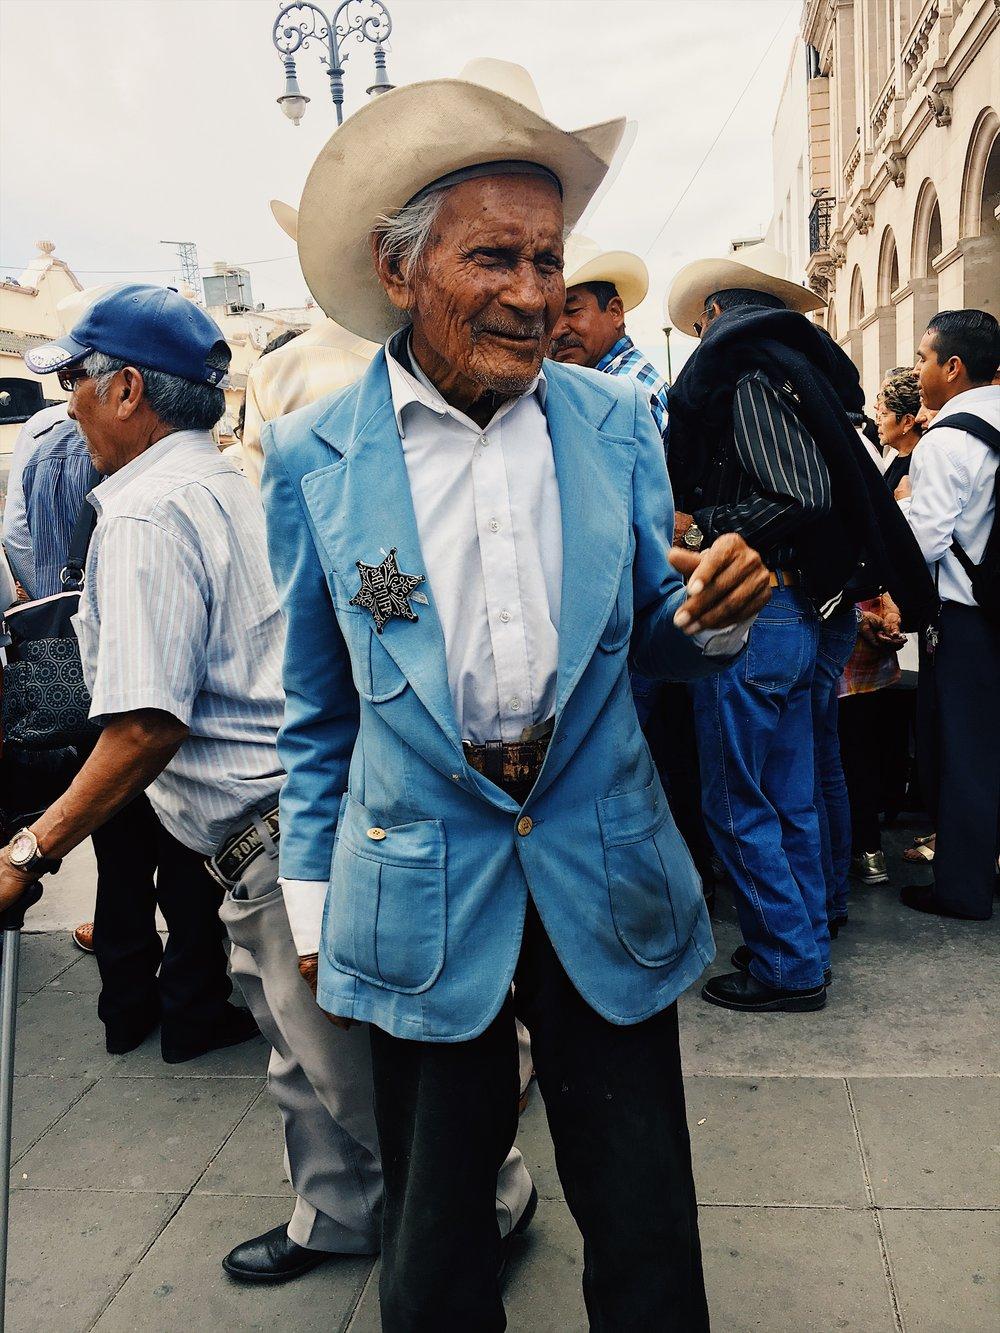 Robert Marcillas  http://www.robertmarcillas.com